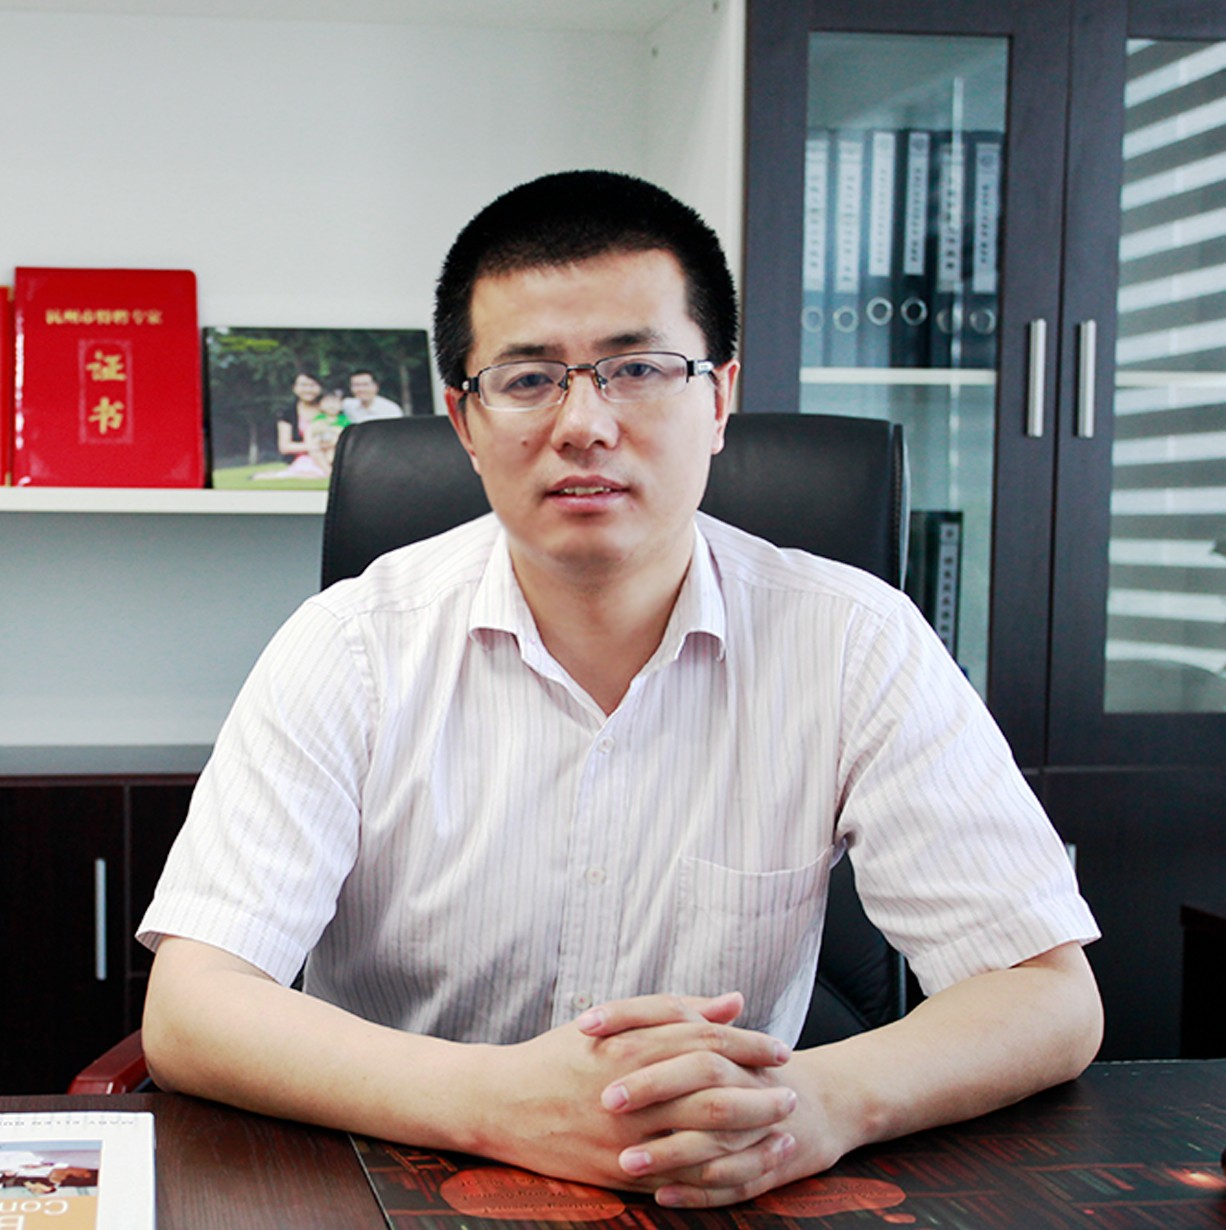 程仲毅博士